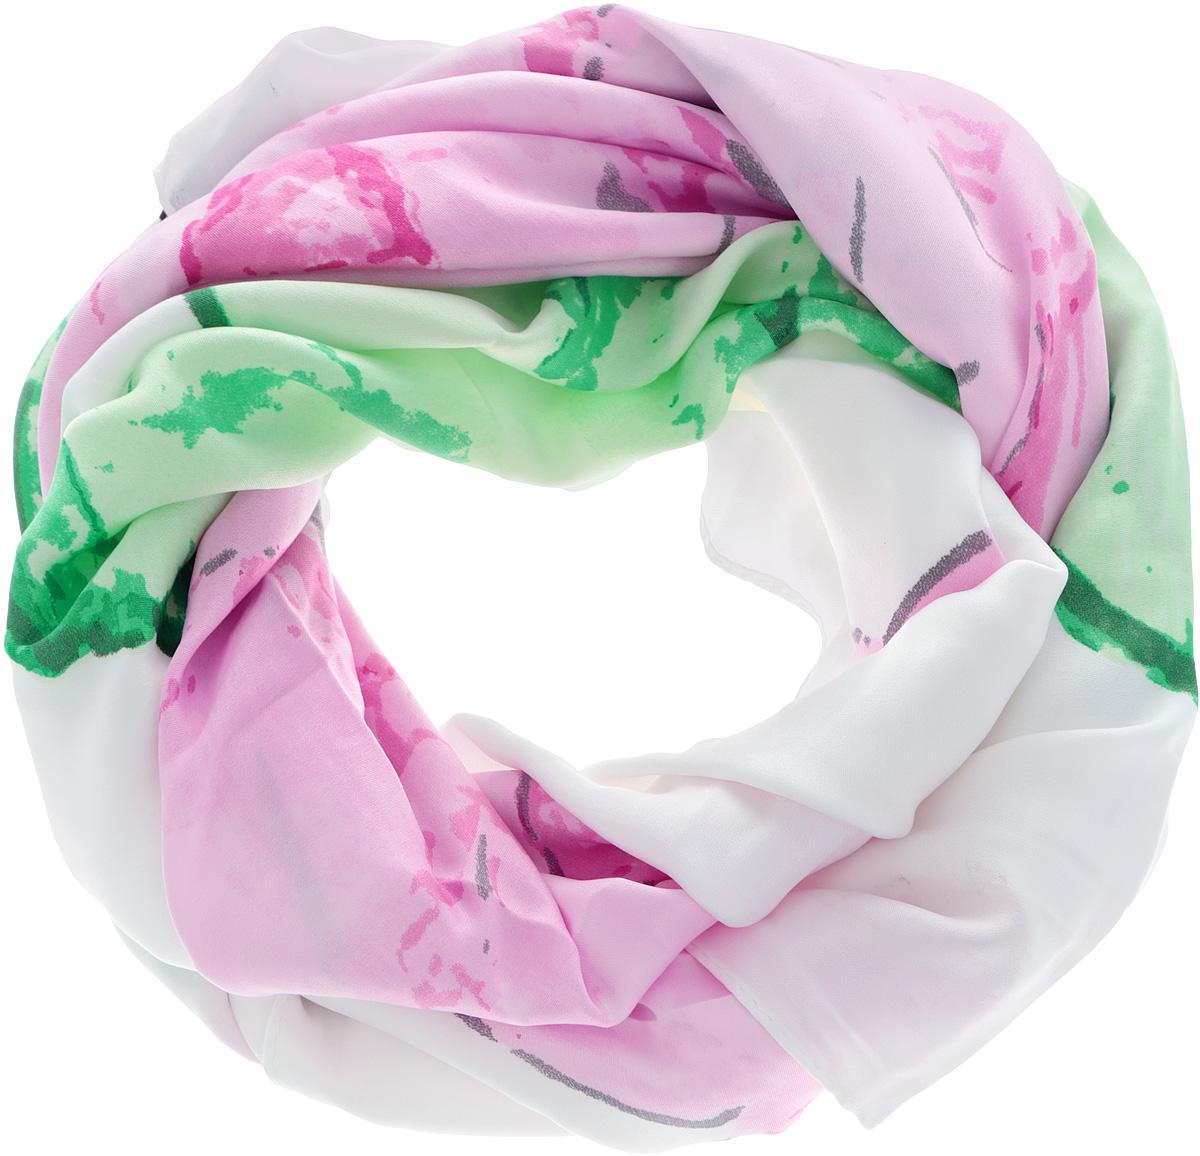 Платок женский. 0510115240_050510115240_05Стильный женский платок Sabellino станет великолепным завершением любого наряда. Платок изготовлен из полиэстера и оформлен нежным цветочным принтом. Классическая квадратная форма позволяет носить платок на шее, украшать им прическу или декорировать сумочку. Такой платок превосходно дополнит любой наряд и подчеркнет ваш неповторимый вкус и элегантность.